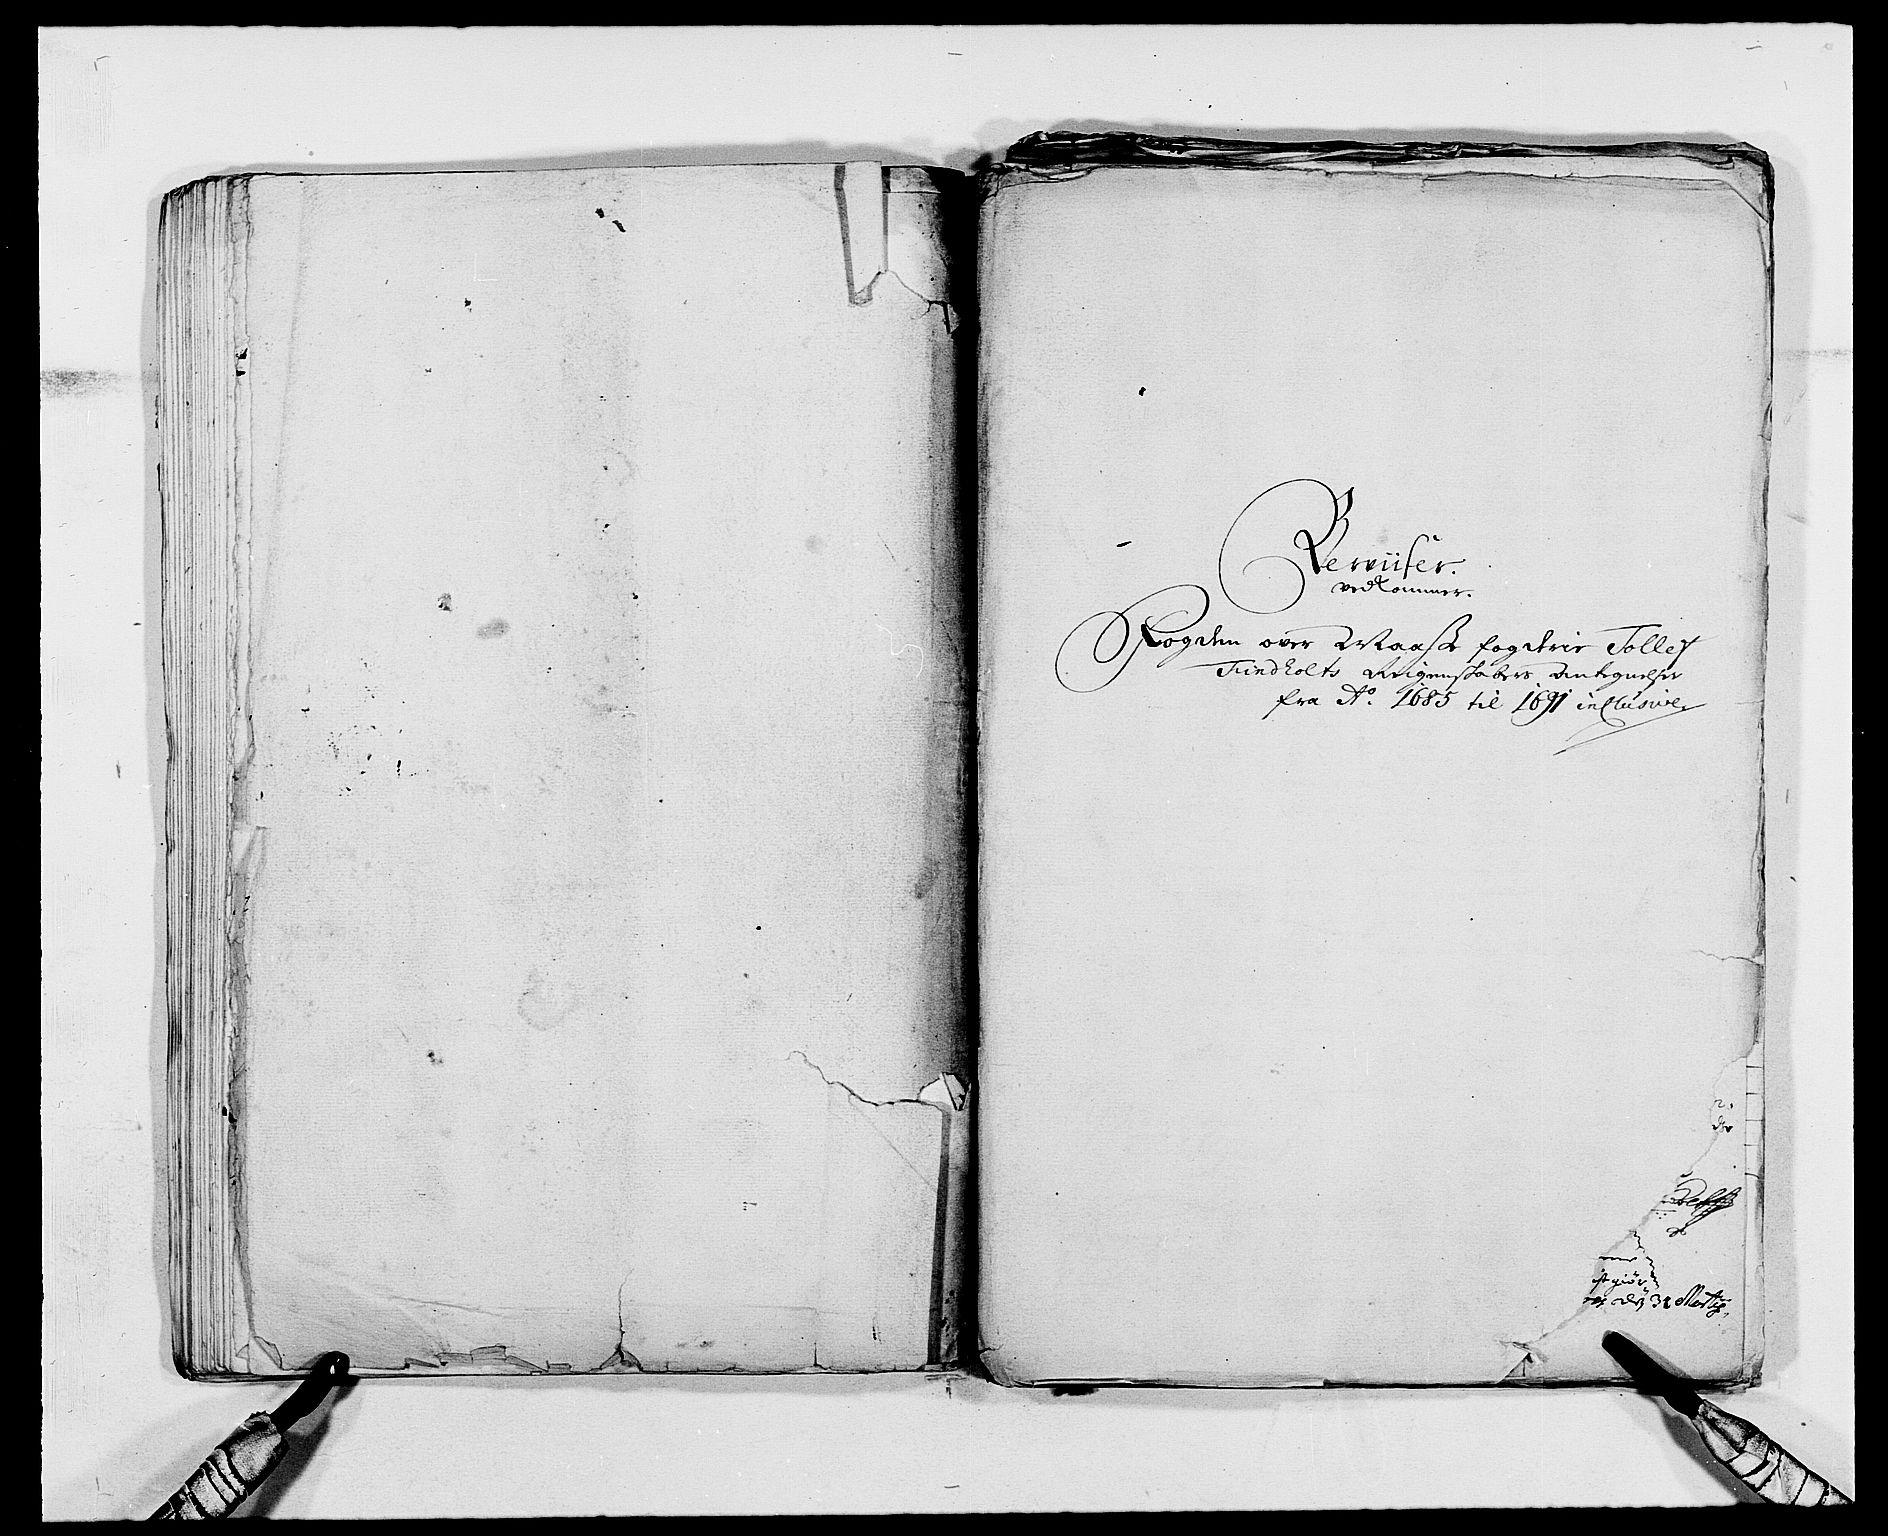 RA, Rentekammeret inntil 1814, Reviderte regnskaper, Fogderegnskap, R02/L0107: Fogderegnskap Moss og Verne kloster, 1685-1691, s. 408